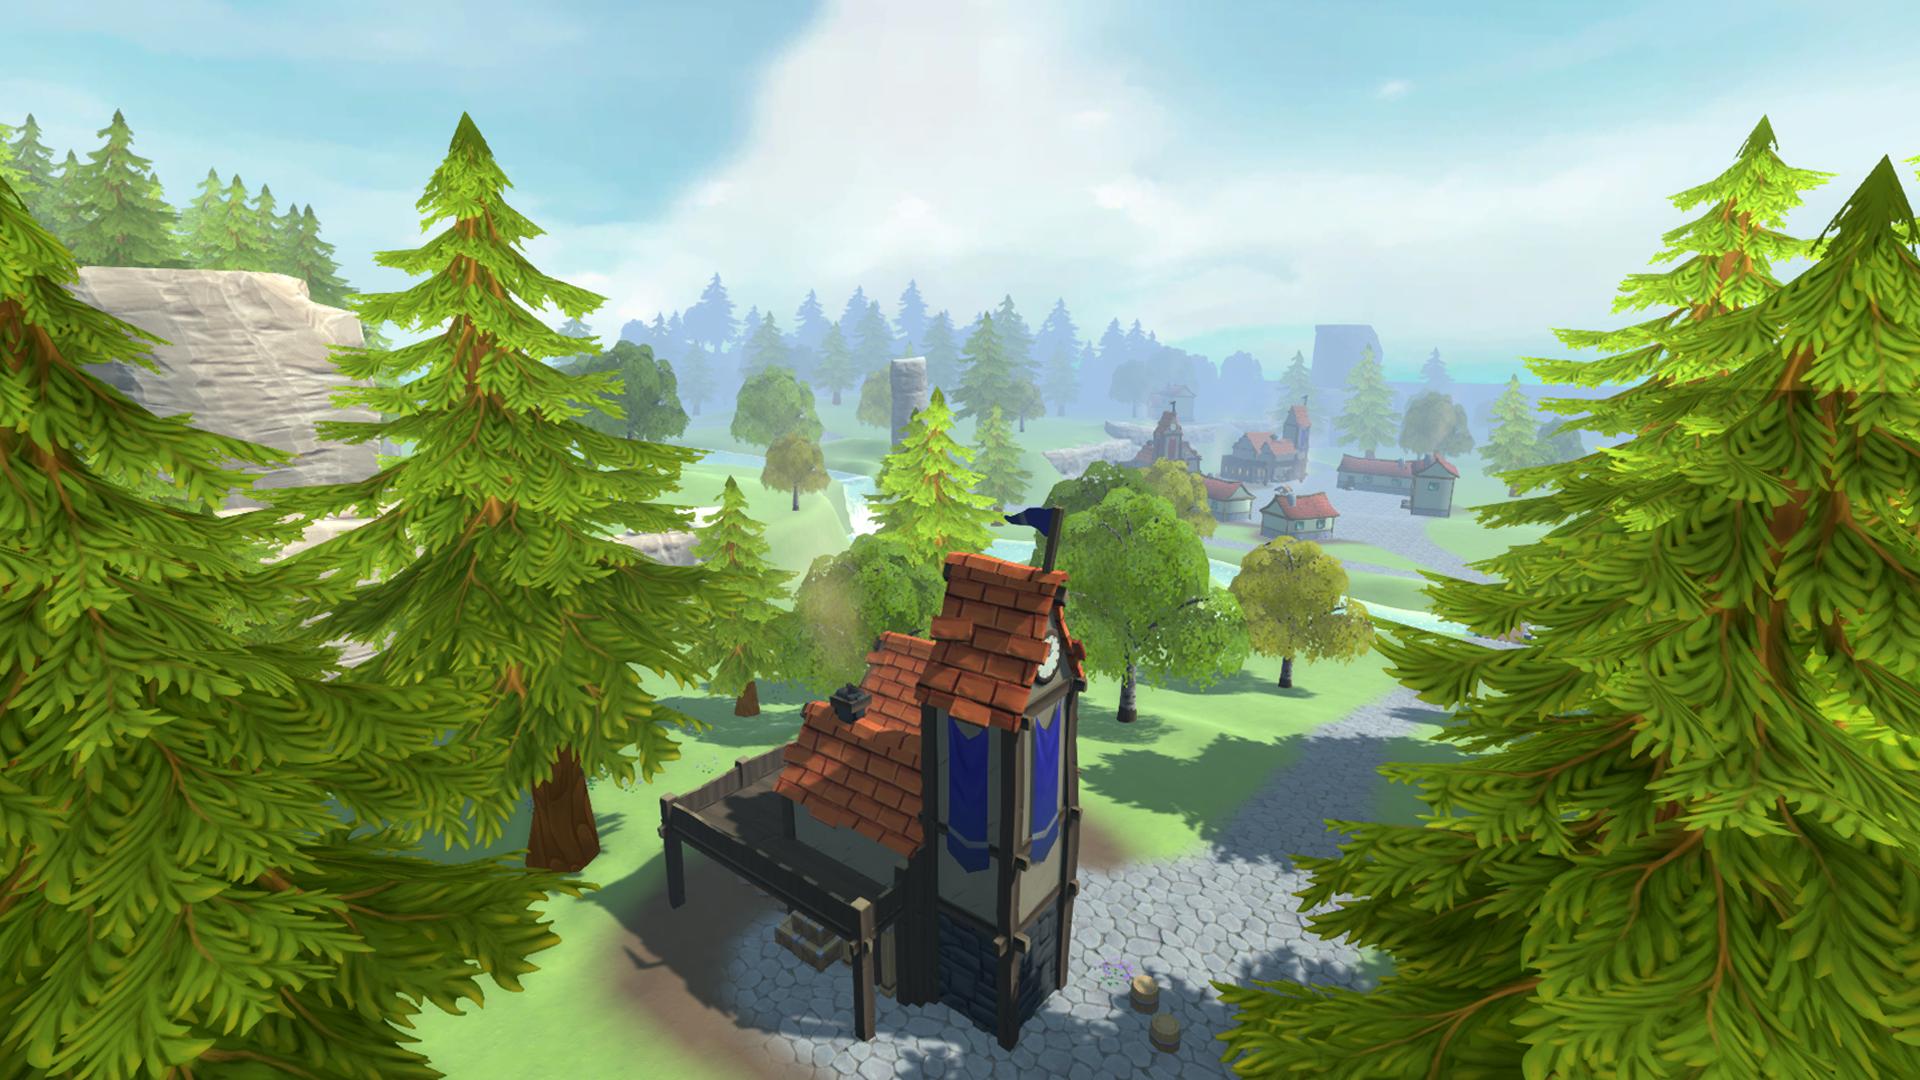 Scene for mobile RPG. Progress 30%